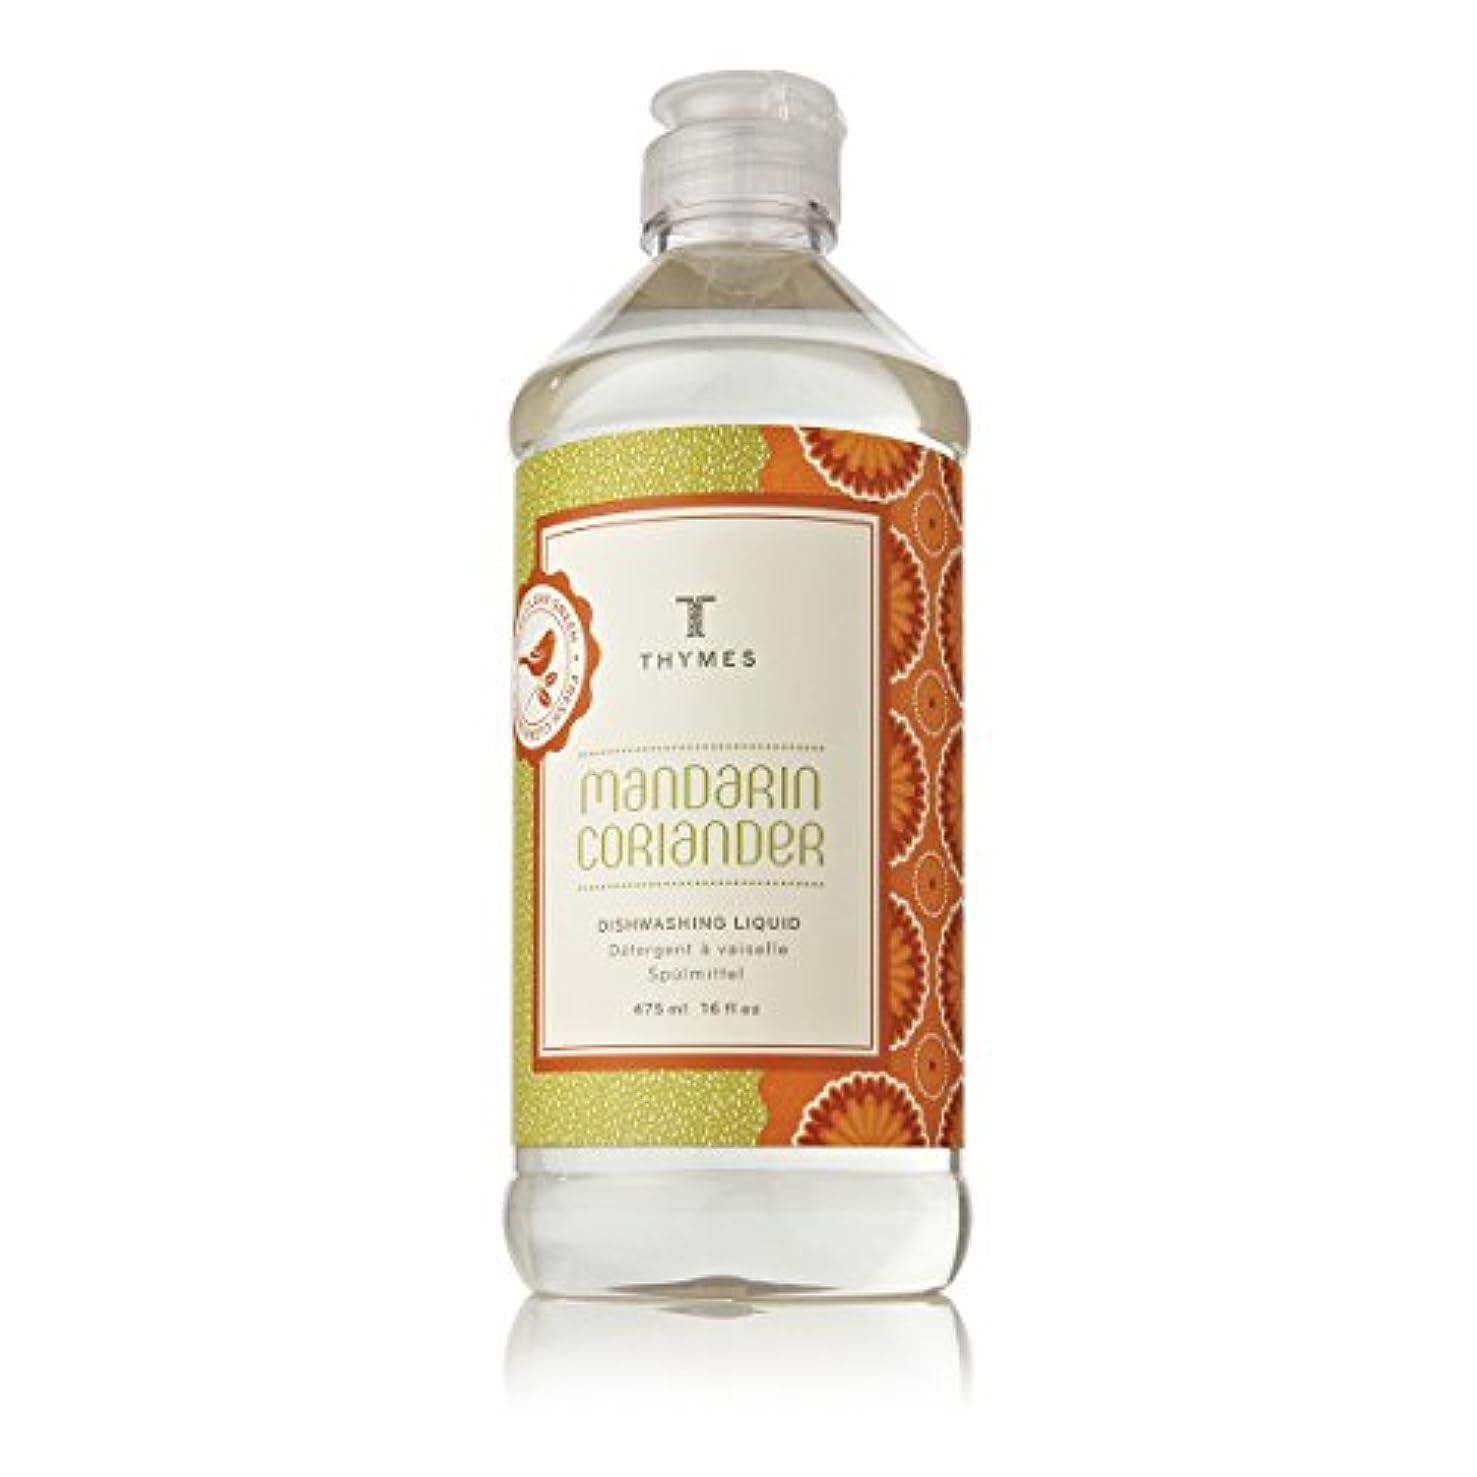 協会カール不完全Thymes Mandarin Coriander Dishwashing Liquid - Oz. Natural Body Hand 0510720100 by Thymes [並行輸入品]